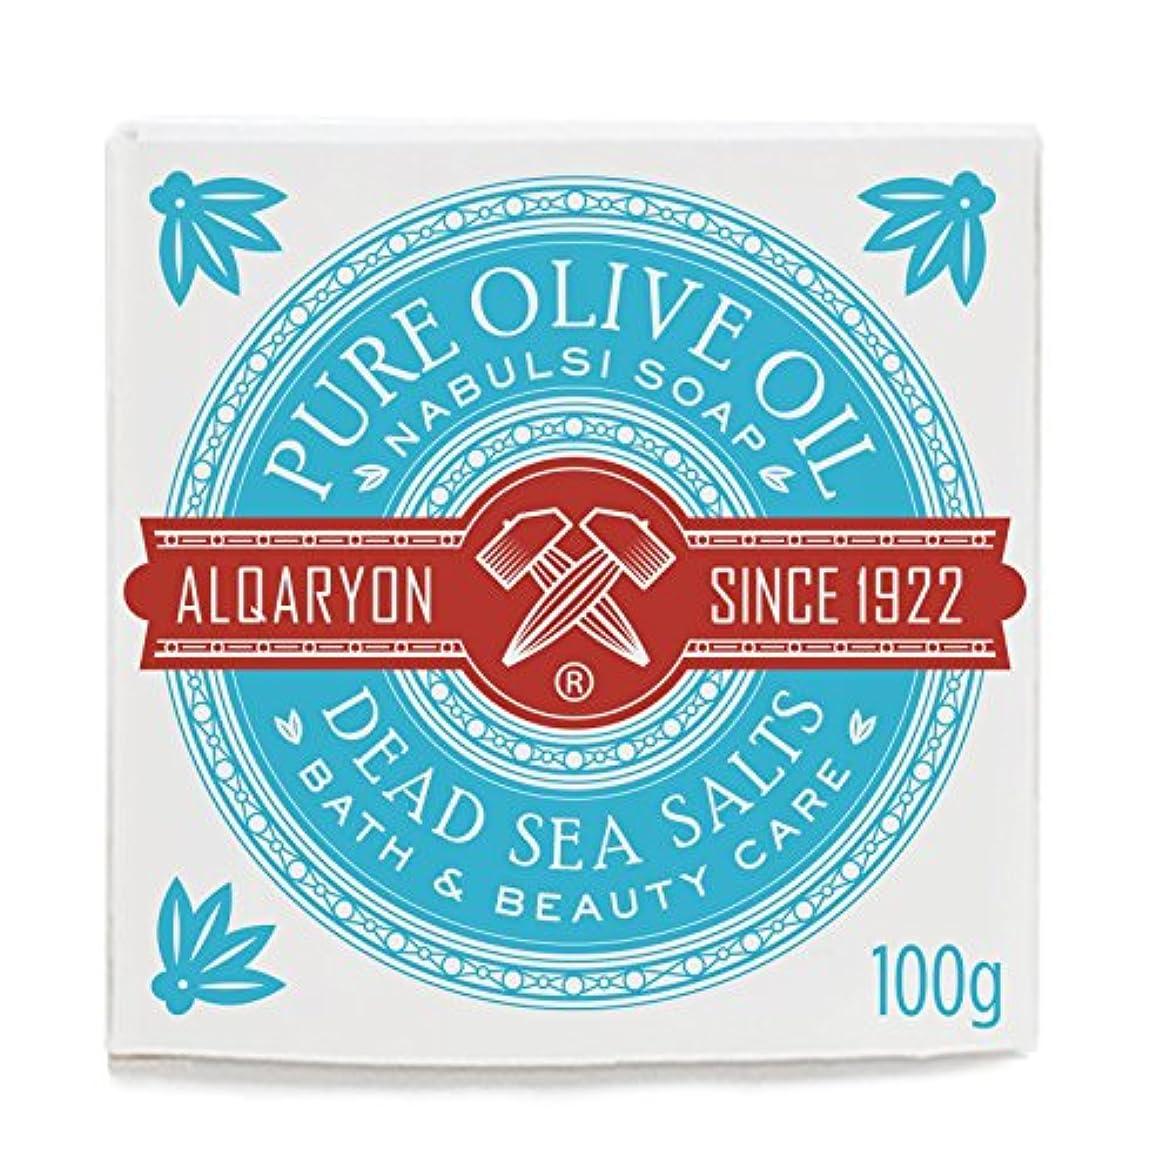 石灰岩過言活力Alqaryon Dead Sea Salts & Olive Oil Bar Soap, Pack of 4 Bars 100g- Alqaryonの死海で取れる塩&オリーブオイル ソープ、バス & ビューティー ケア...